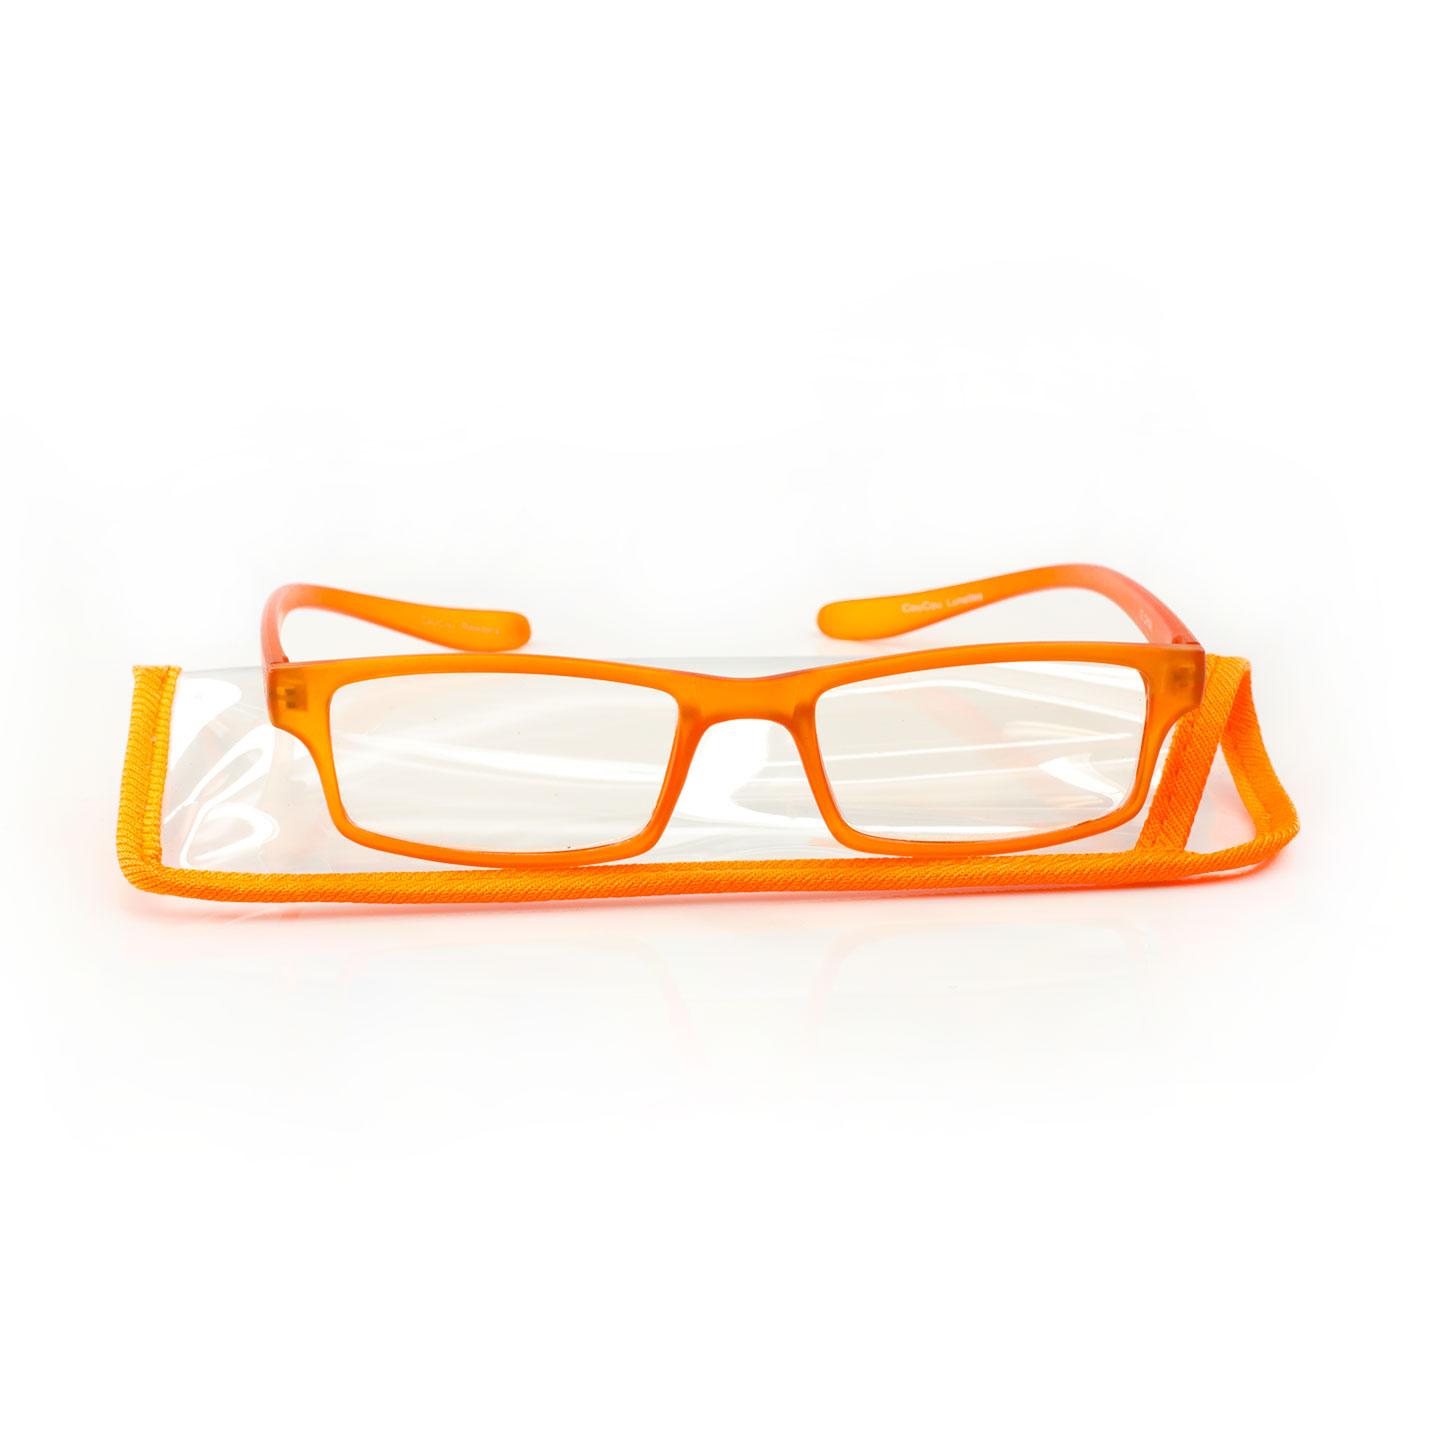 Lunettes de lecture CouCou Orange